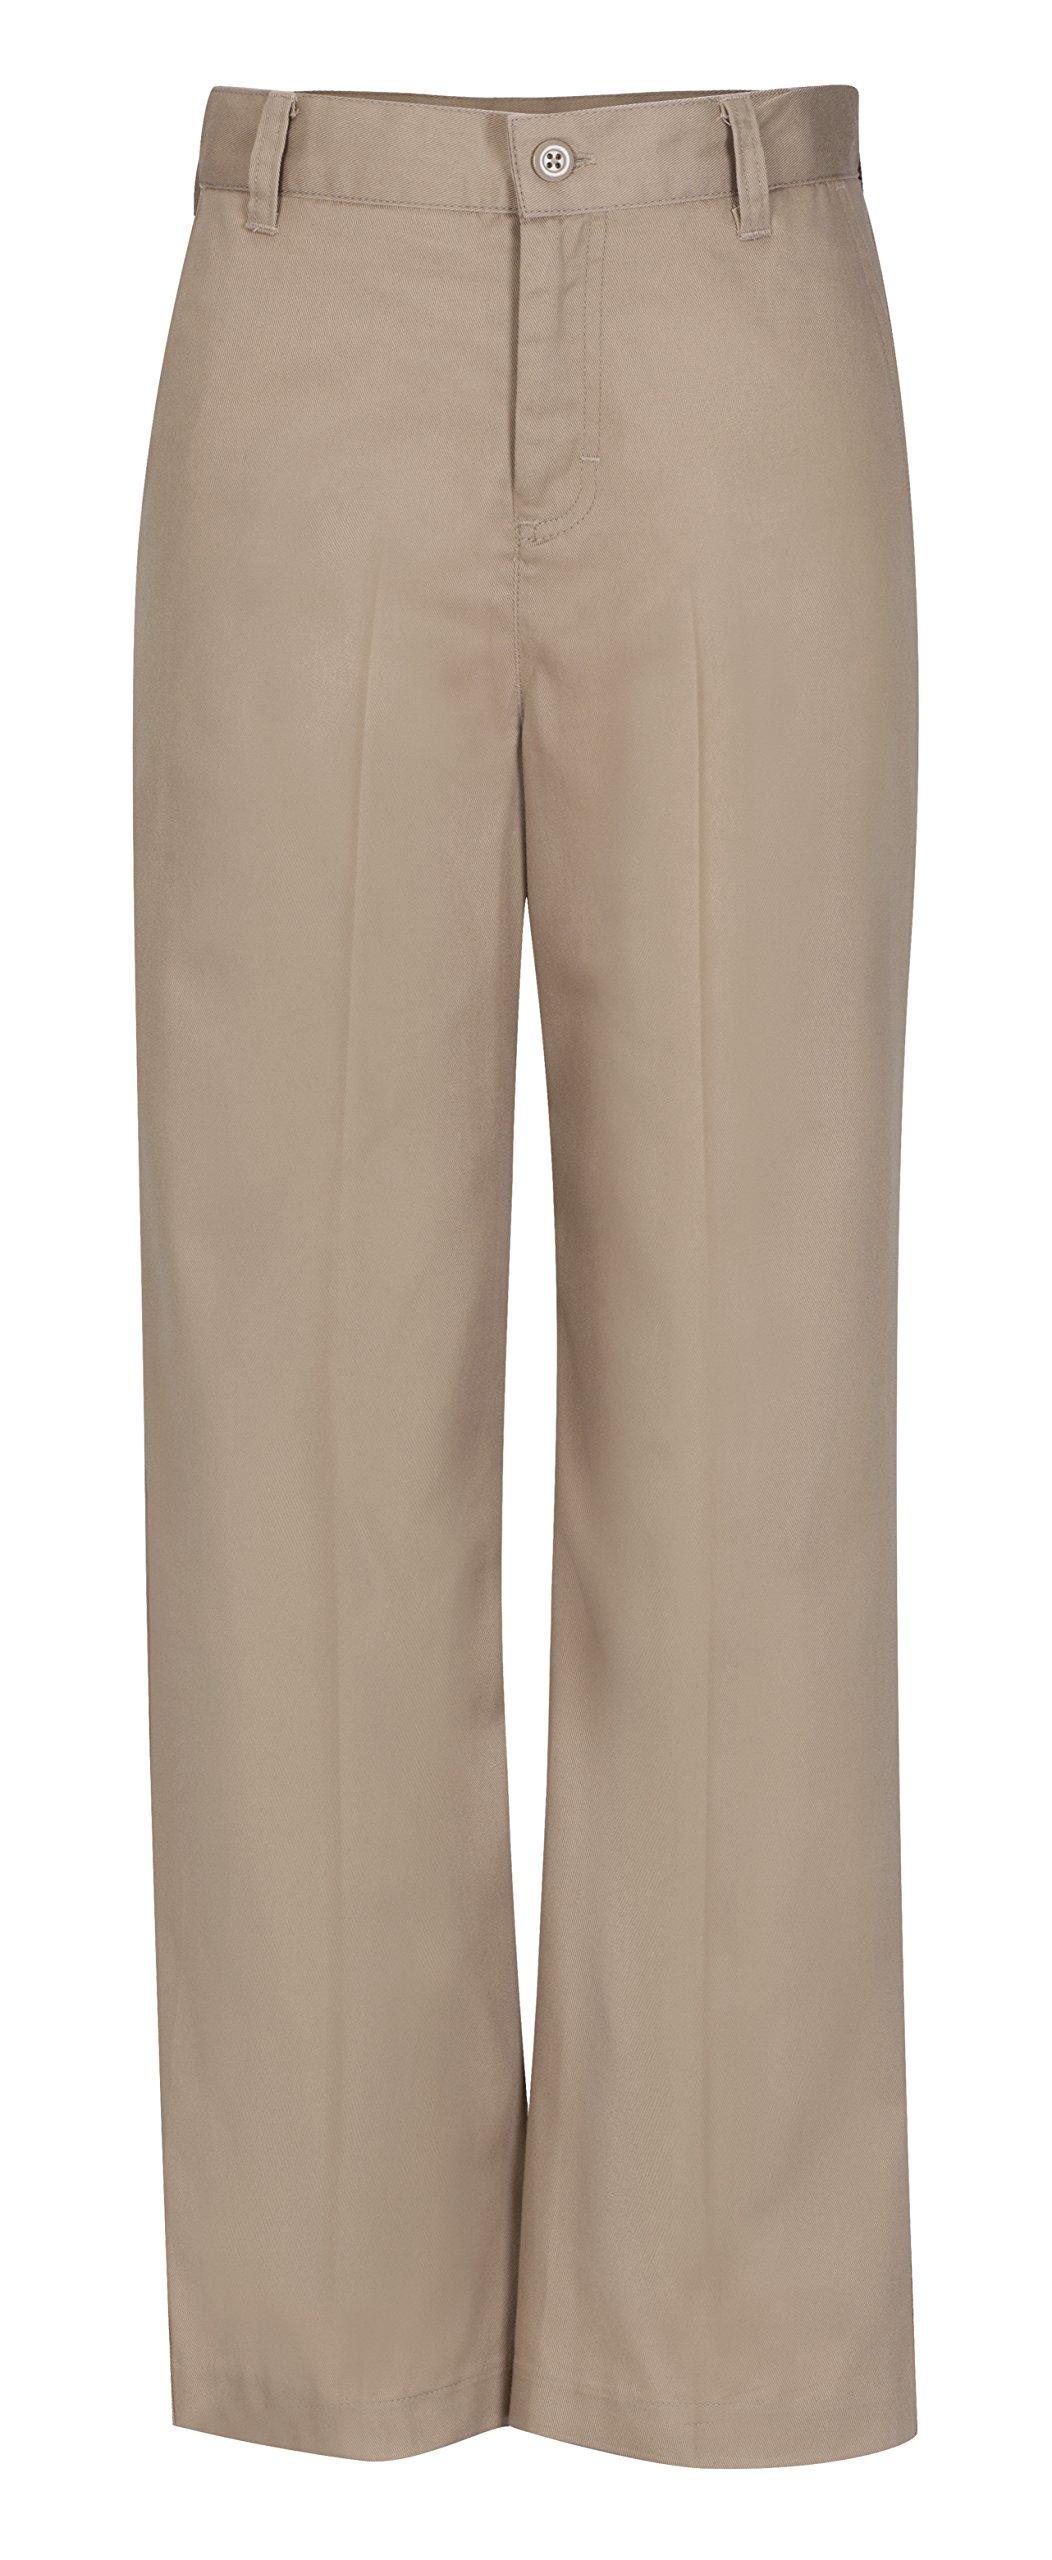 Classroom Uniforms CLASSROOM Big Girls' Plus-Size Plus Flat Front Trouser Pant, Khaki, 18 1/2